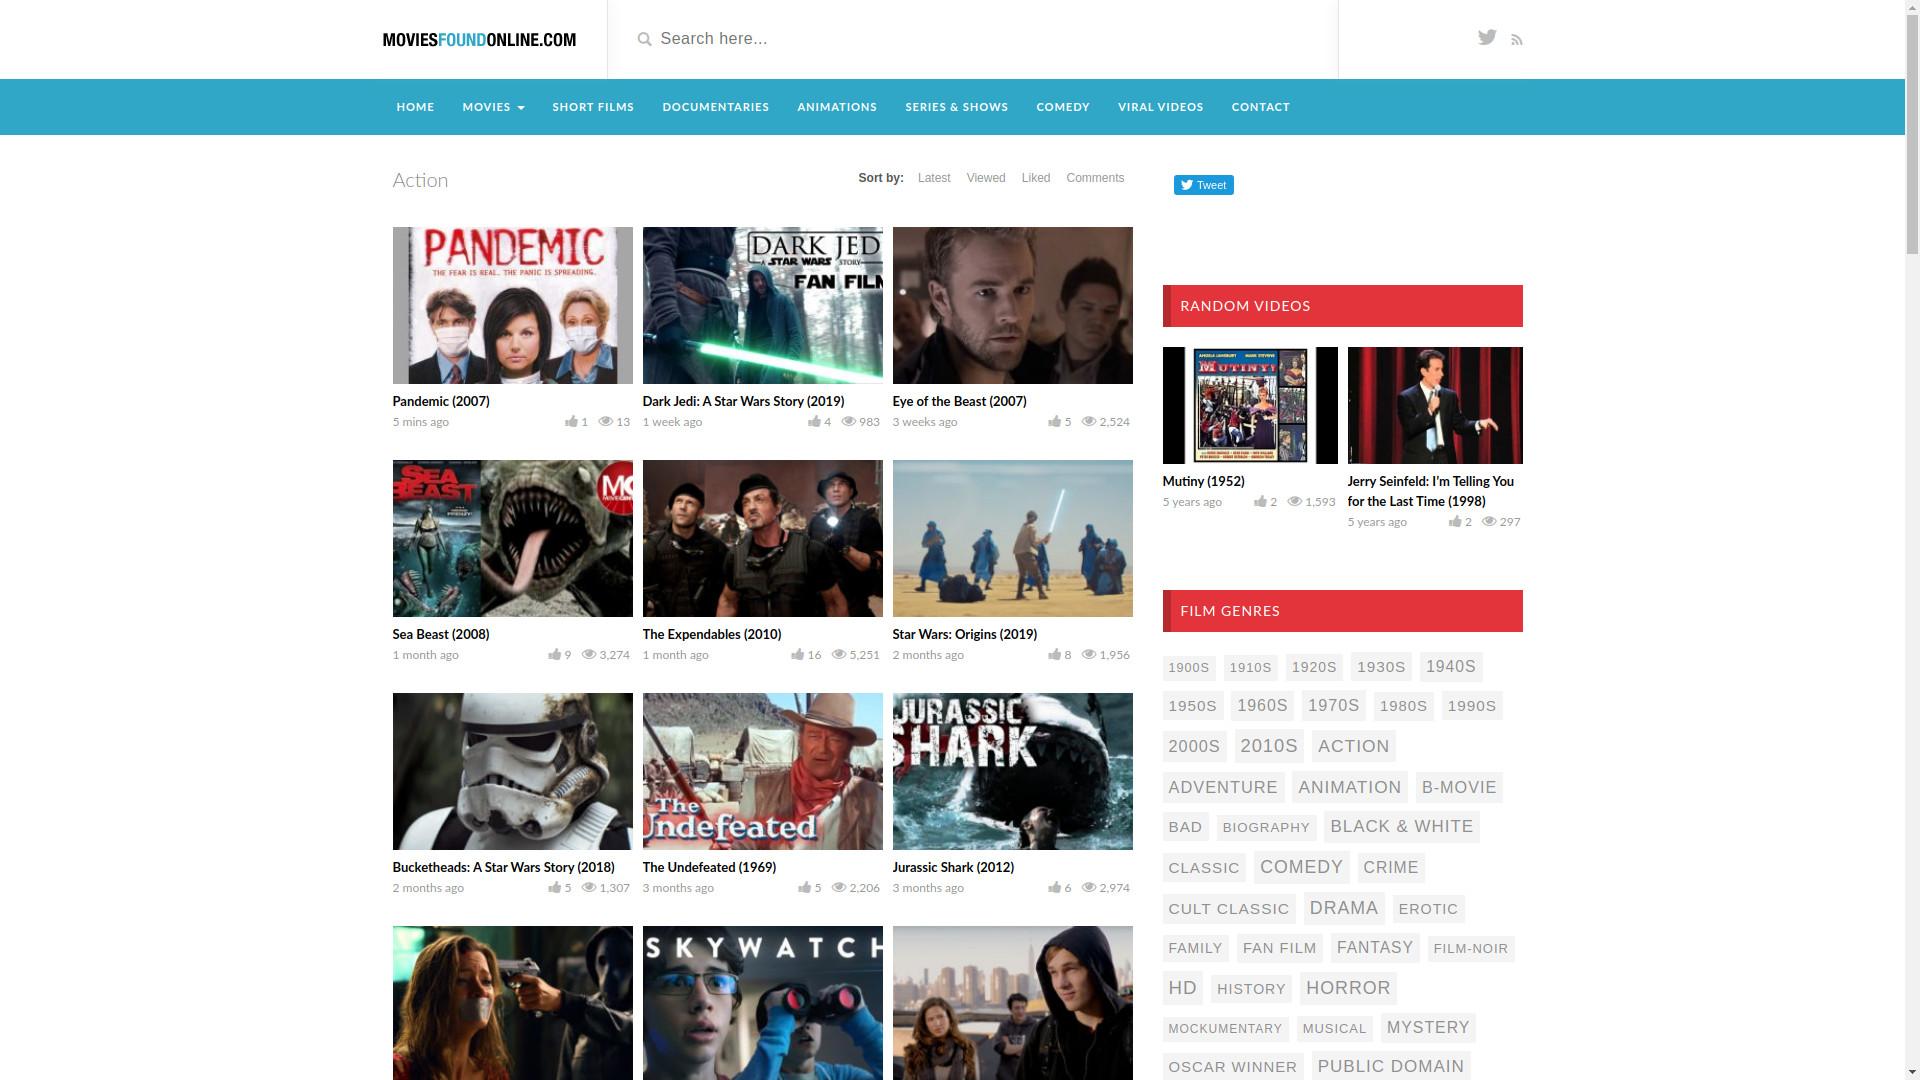 Movies Found Online homepage